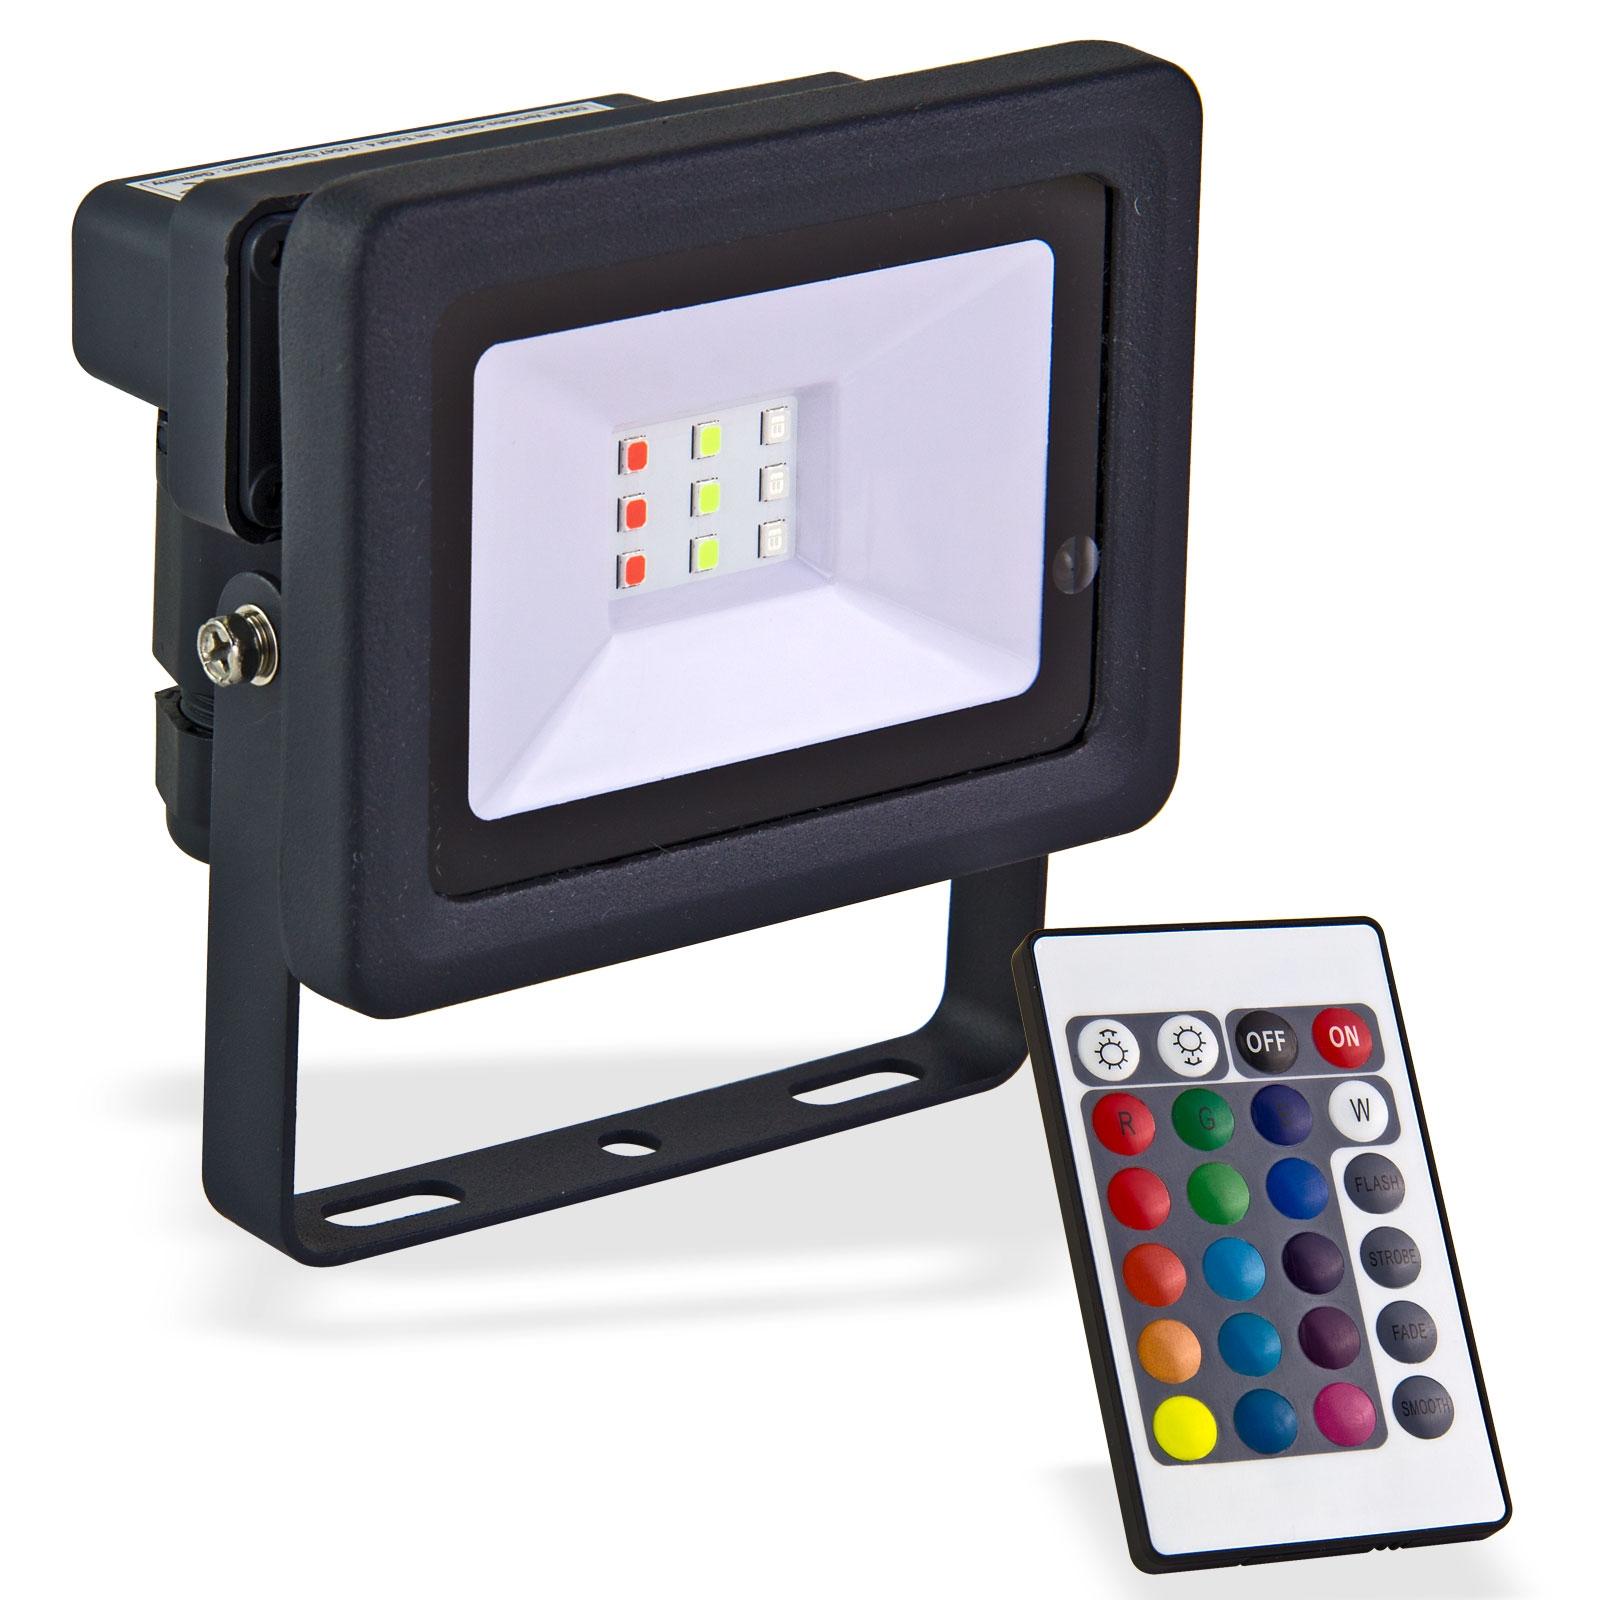 Dema LED-Strahler bunt 10W Strahler Bunt Baustrahler Flutlicht LED 90065